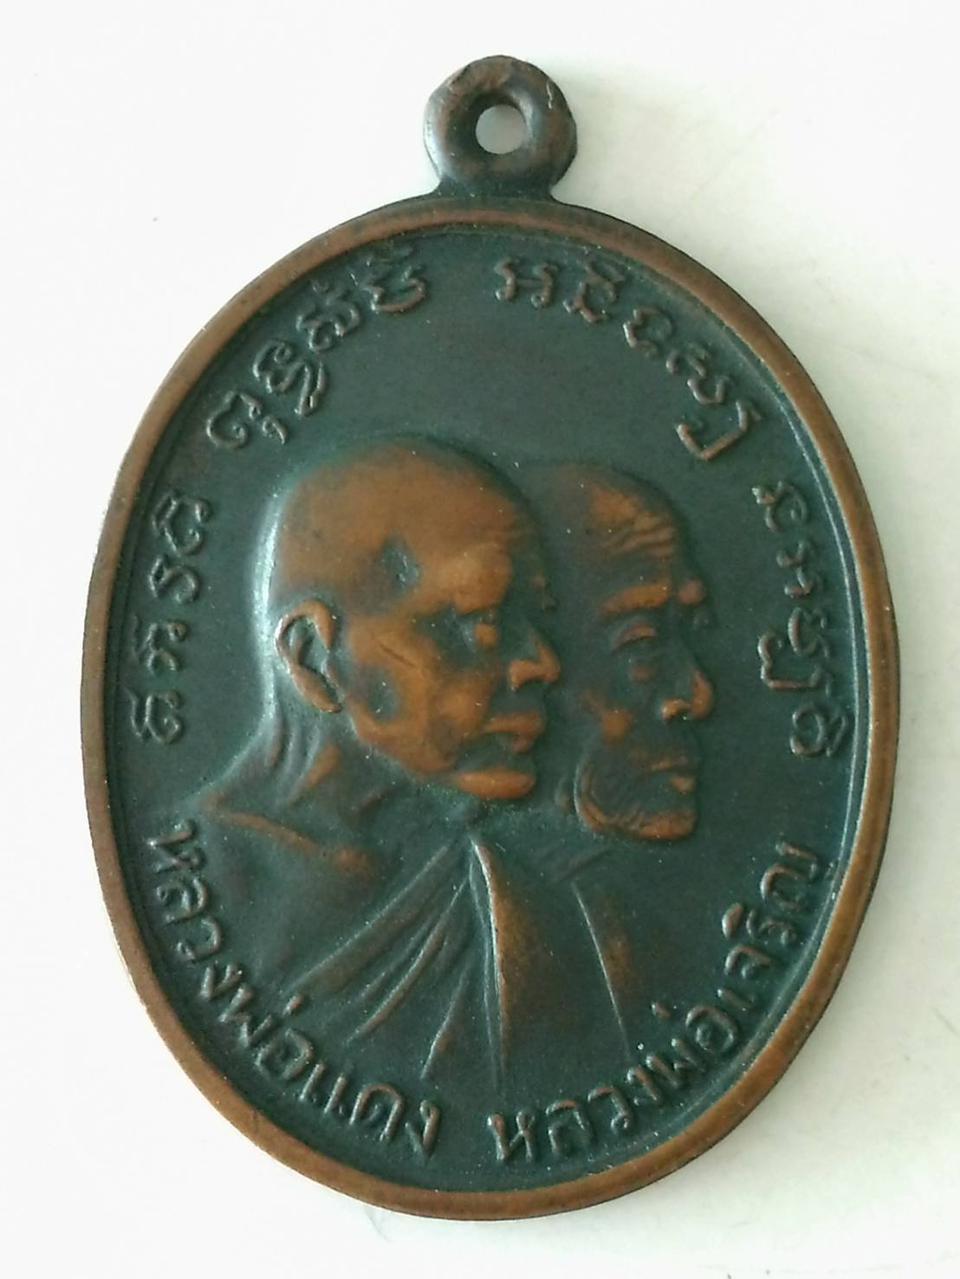 5271 เหรียญลพ.แดง วัดเขาบันไดอิฐ ปี13 บล็อกวัวลาน จ.เพชรบุรี รูปที่ 2